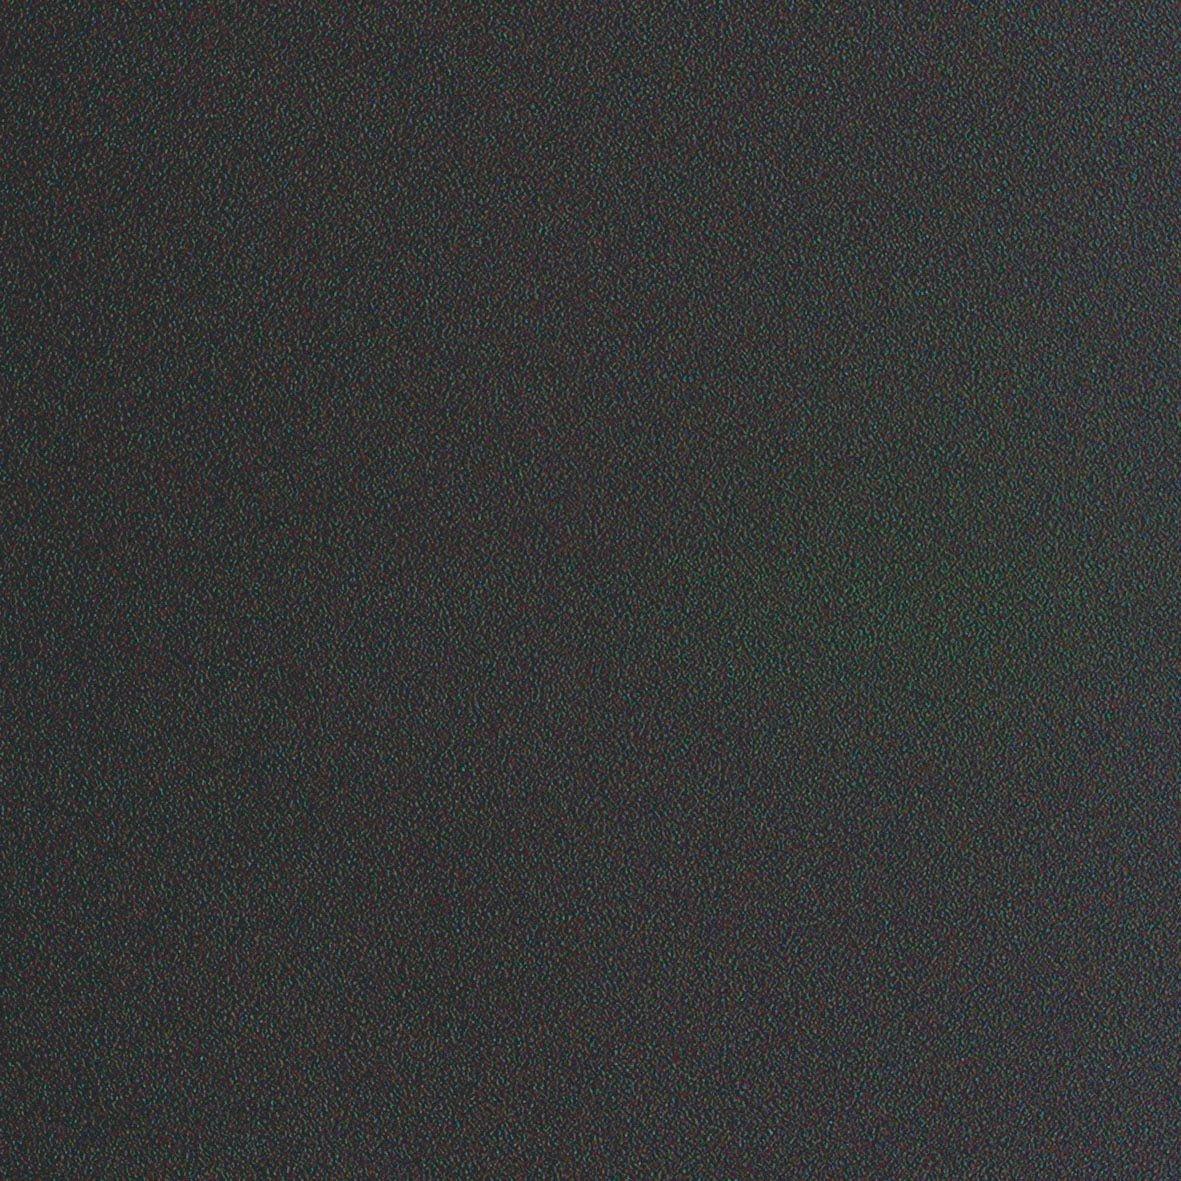 リリカラ 壁紙45m シンフル 石目調 ブラック スーパー強化+汚れ防止 LW-2321 B07611C33R 45m|ブラック